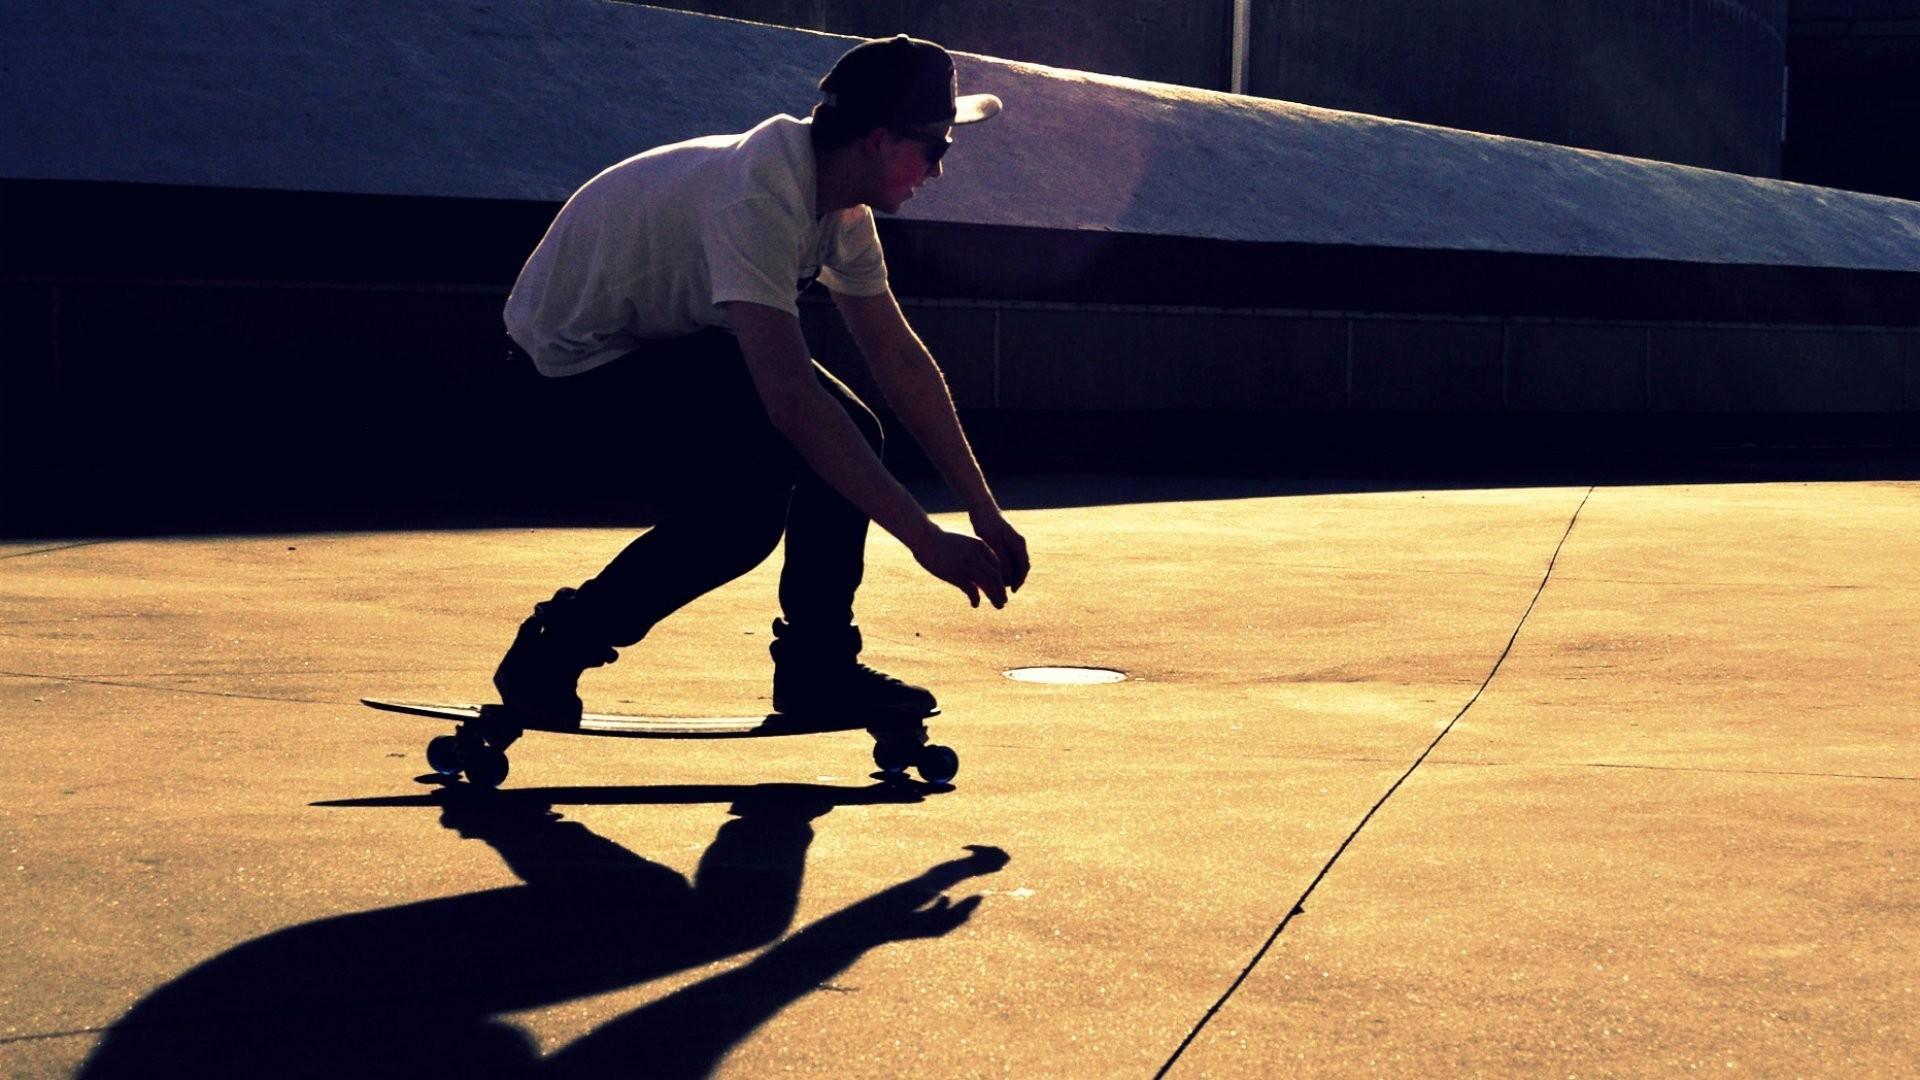 2560x1920 Skate-Girl-Wallpaper-Desktop.jpg